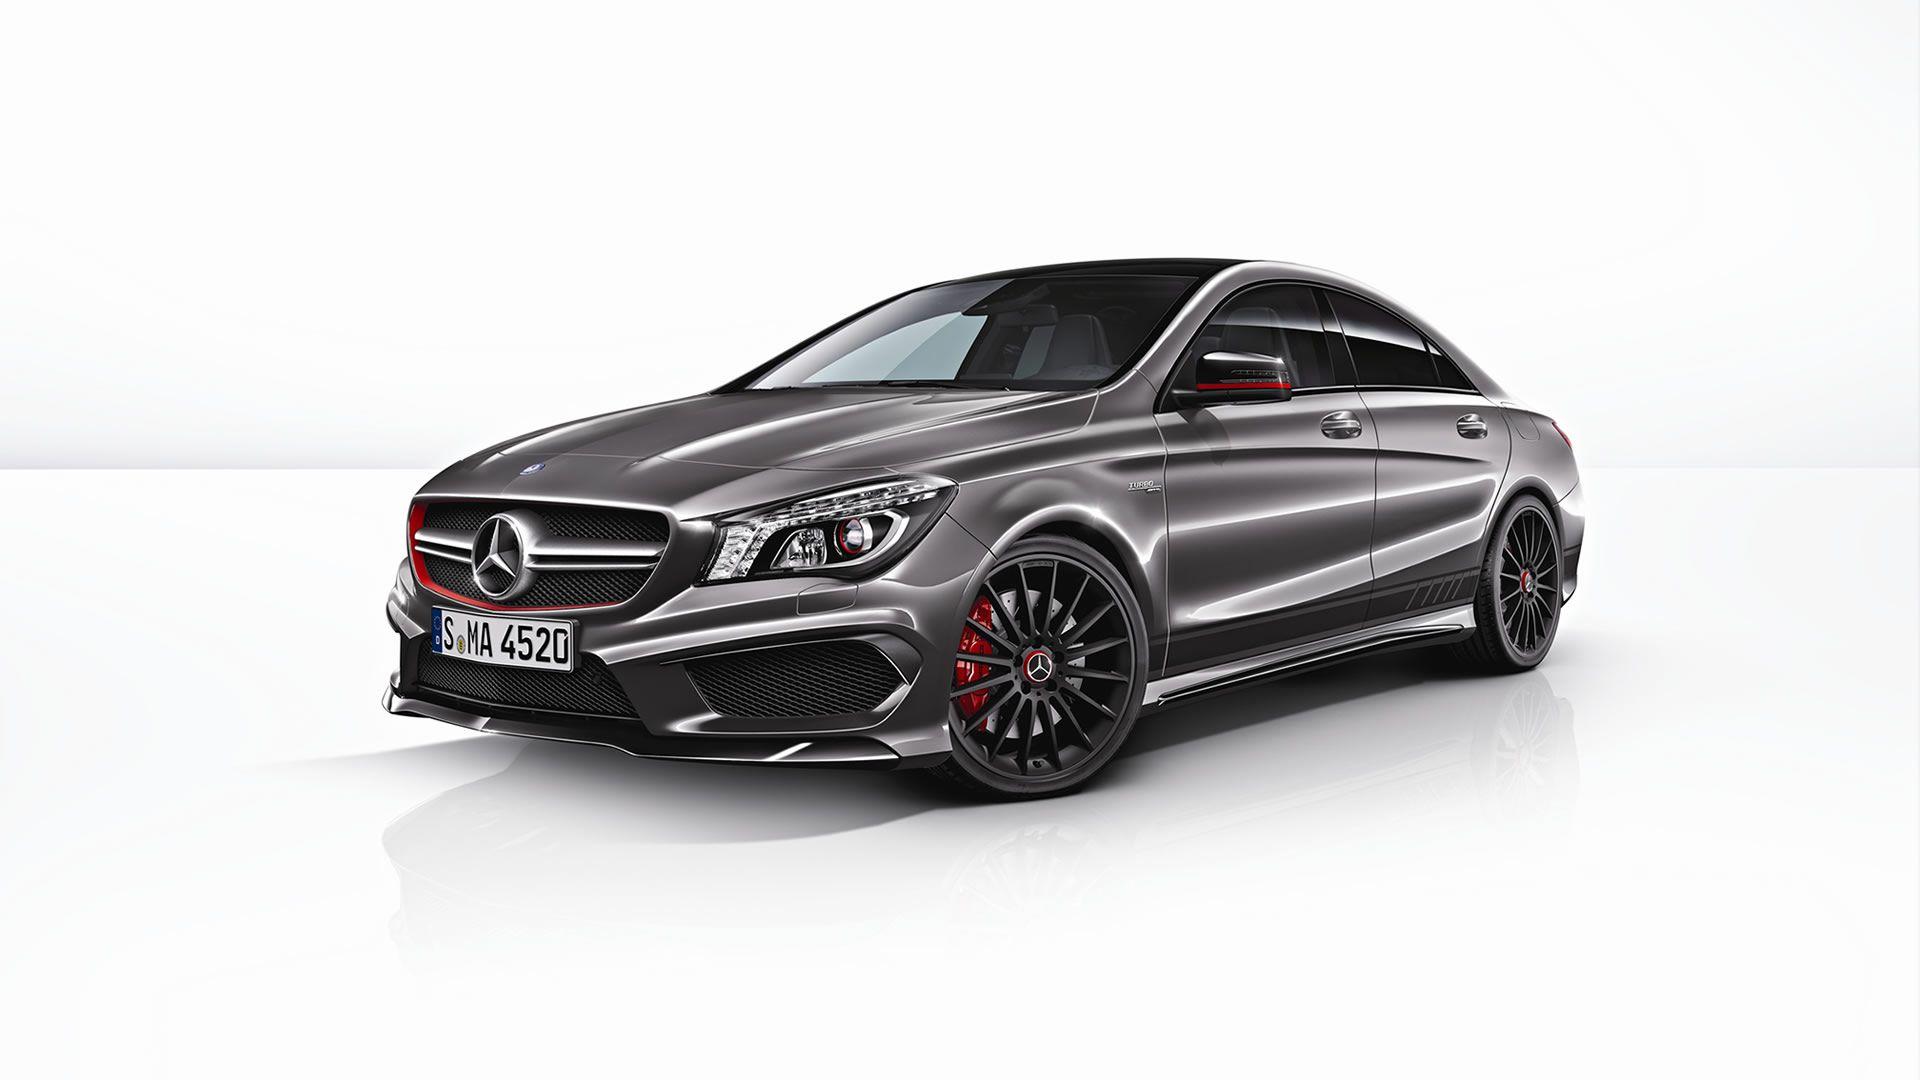 Mercedes cla45 amg edition 1